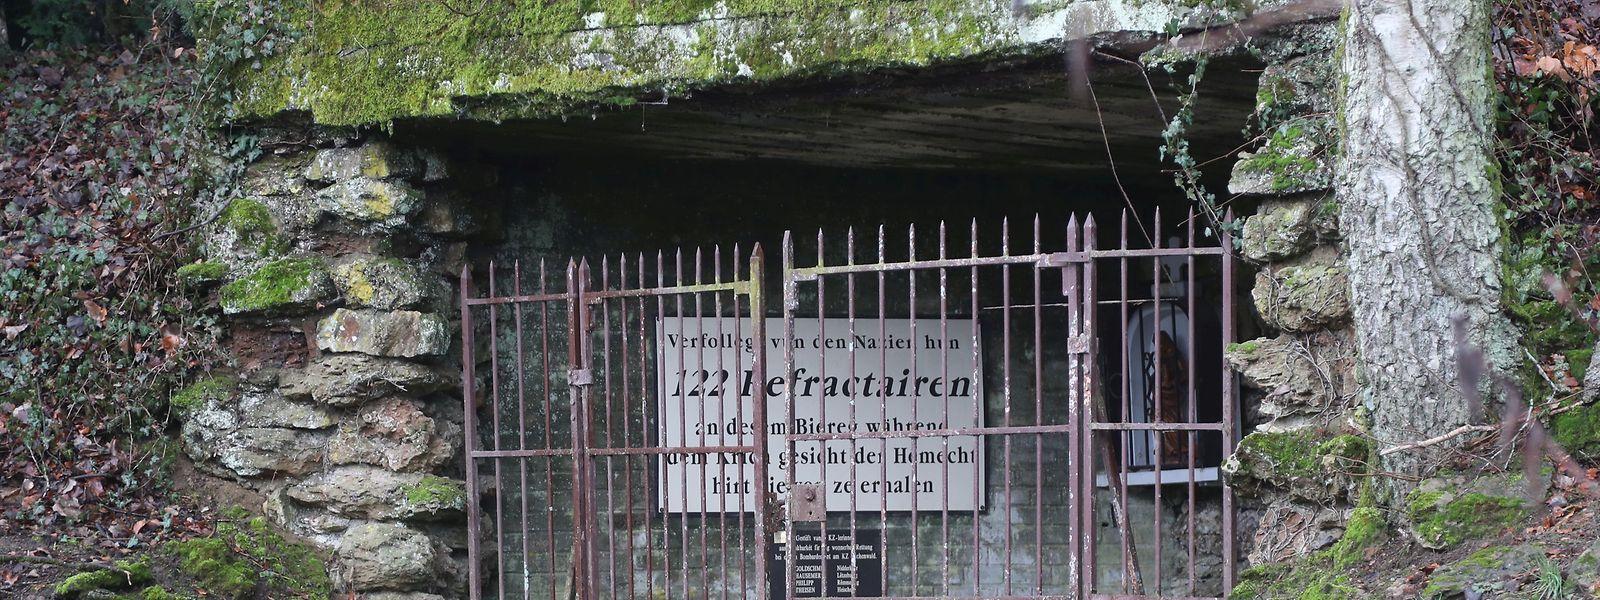 """Ein Nachbau des Stollens bei Niederkorn erinnert heute an das Schicksal der 122 jungen Wehrdienstverweigerer. Dokumentiert wird ihre Geschichte auch im """"Espace muséologique"""" in Lasauvage."""